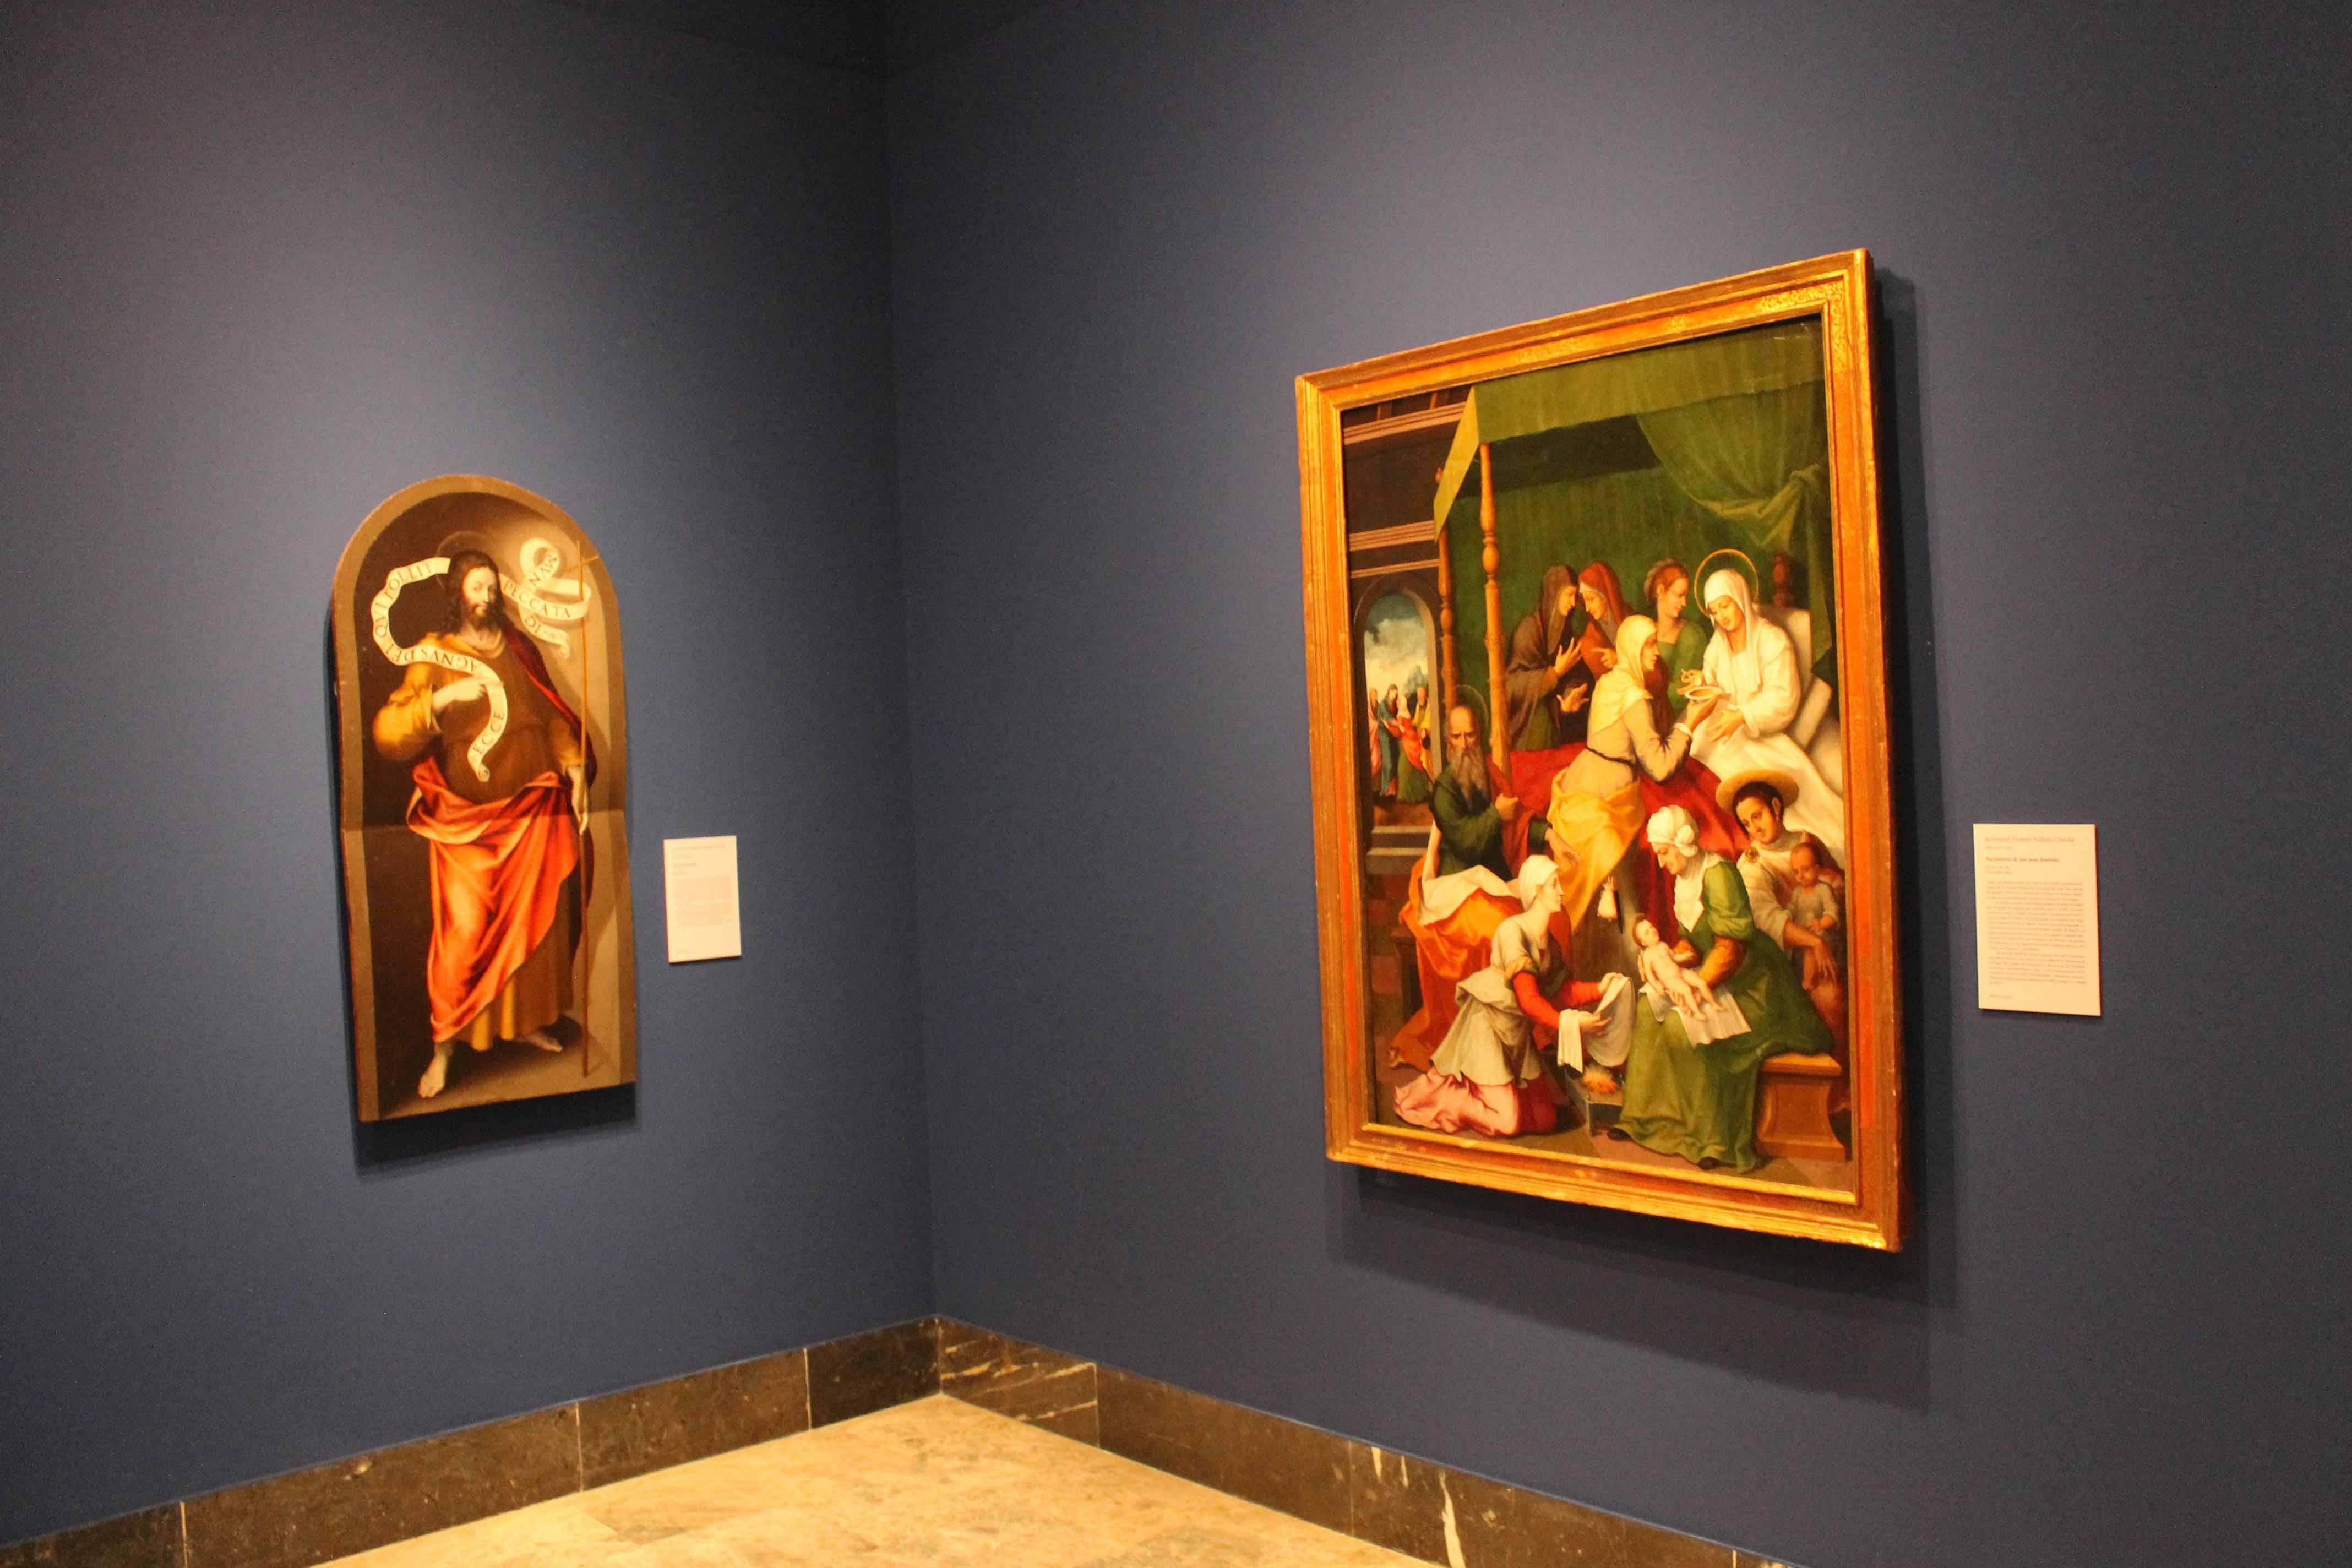 El siglo XVI fue considerado como una de las etapas más brillantes del arte aragonés